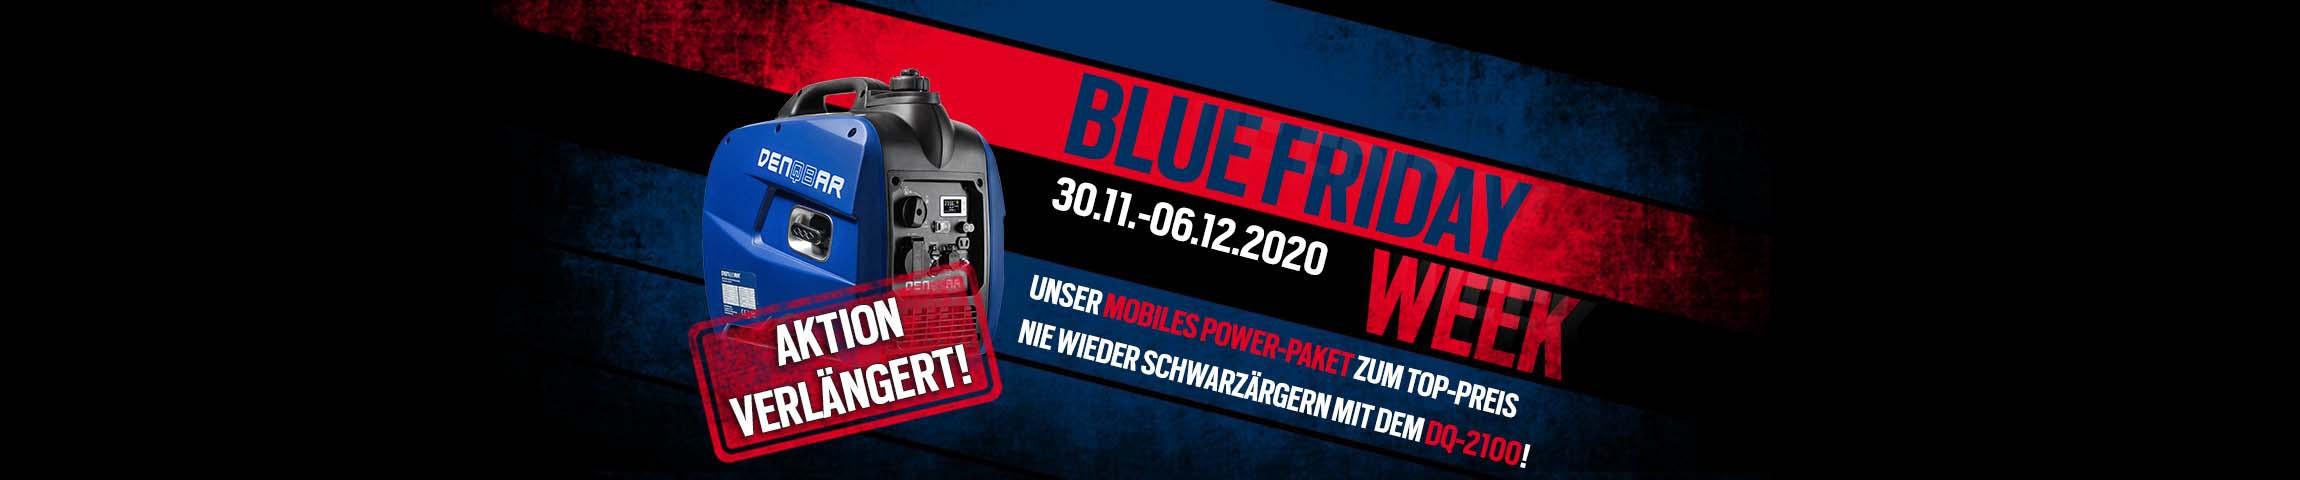 Nie wieder ärgern mit dem DQ-2100 - Wir verlängern die Blue Friday Week!